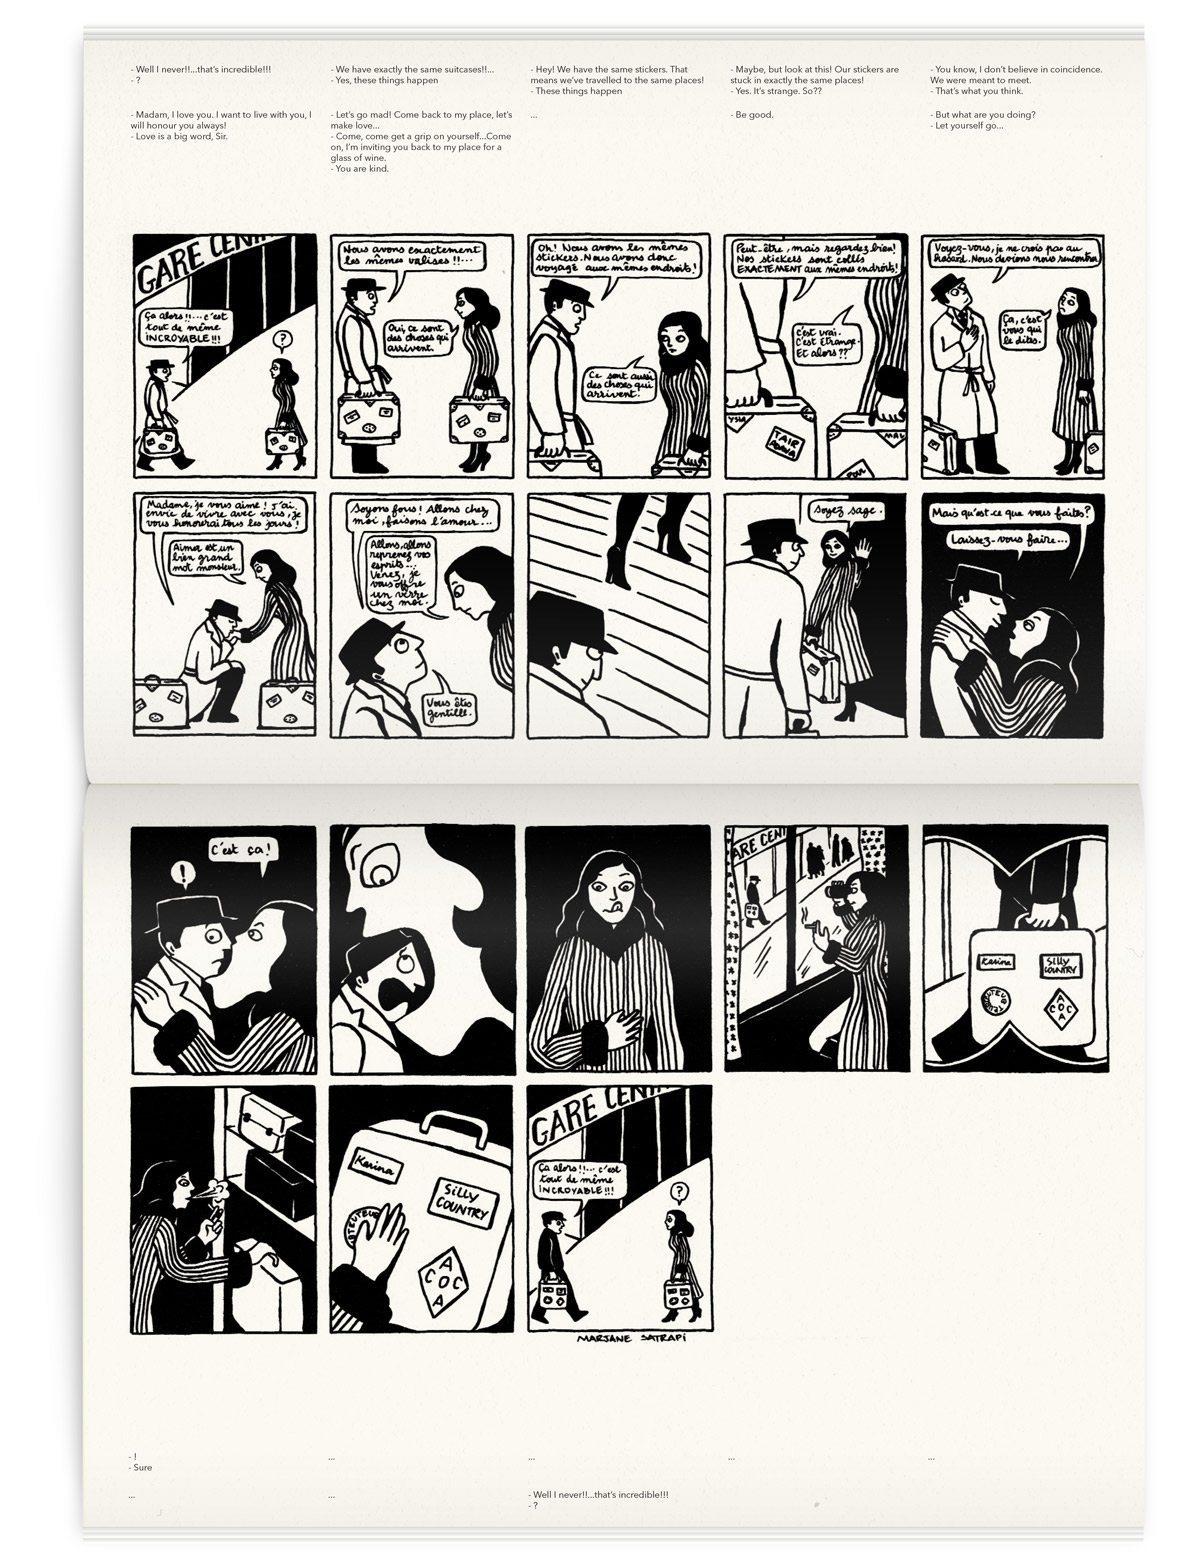 Une courte bande dessinée de Marjan Satrapi dans le magazine Iconofly, revue d'art autour d'un accessoire le sac de voyage, design IchetKar